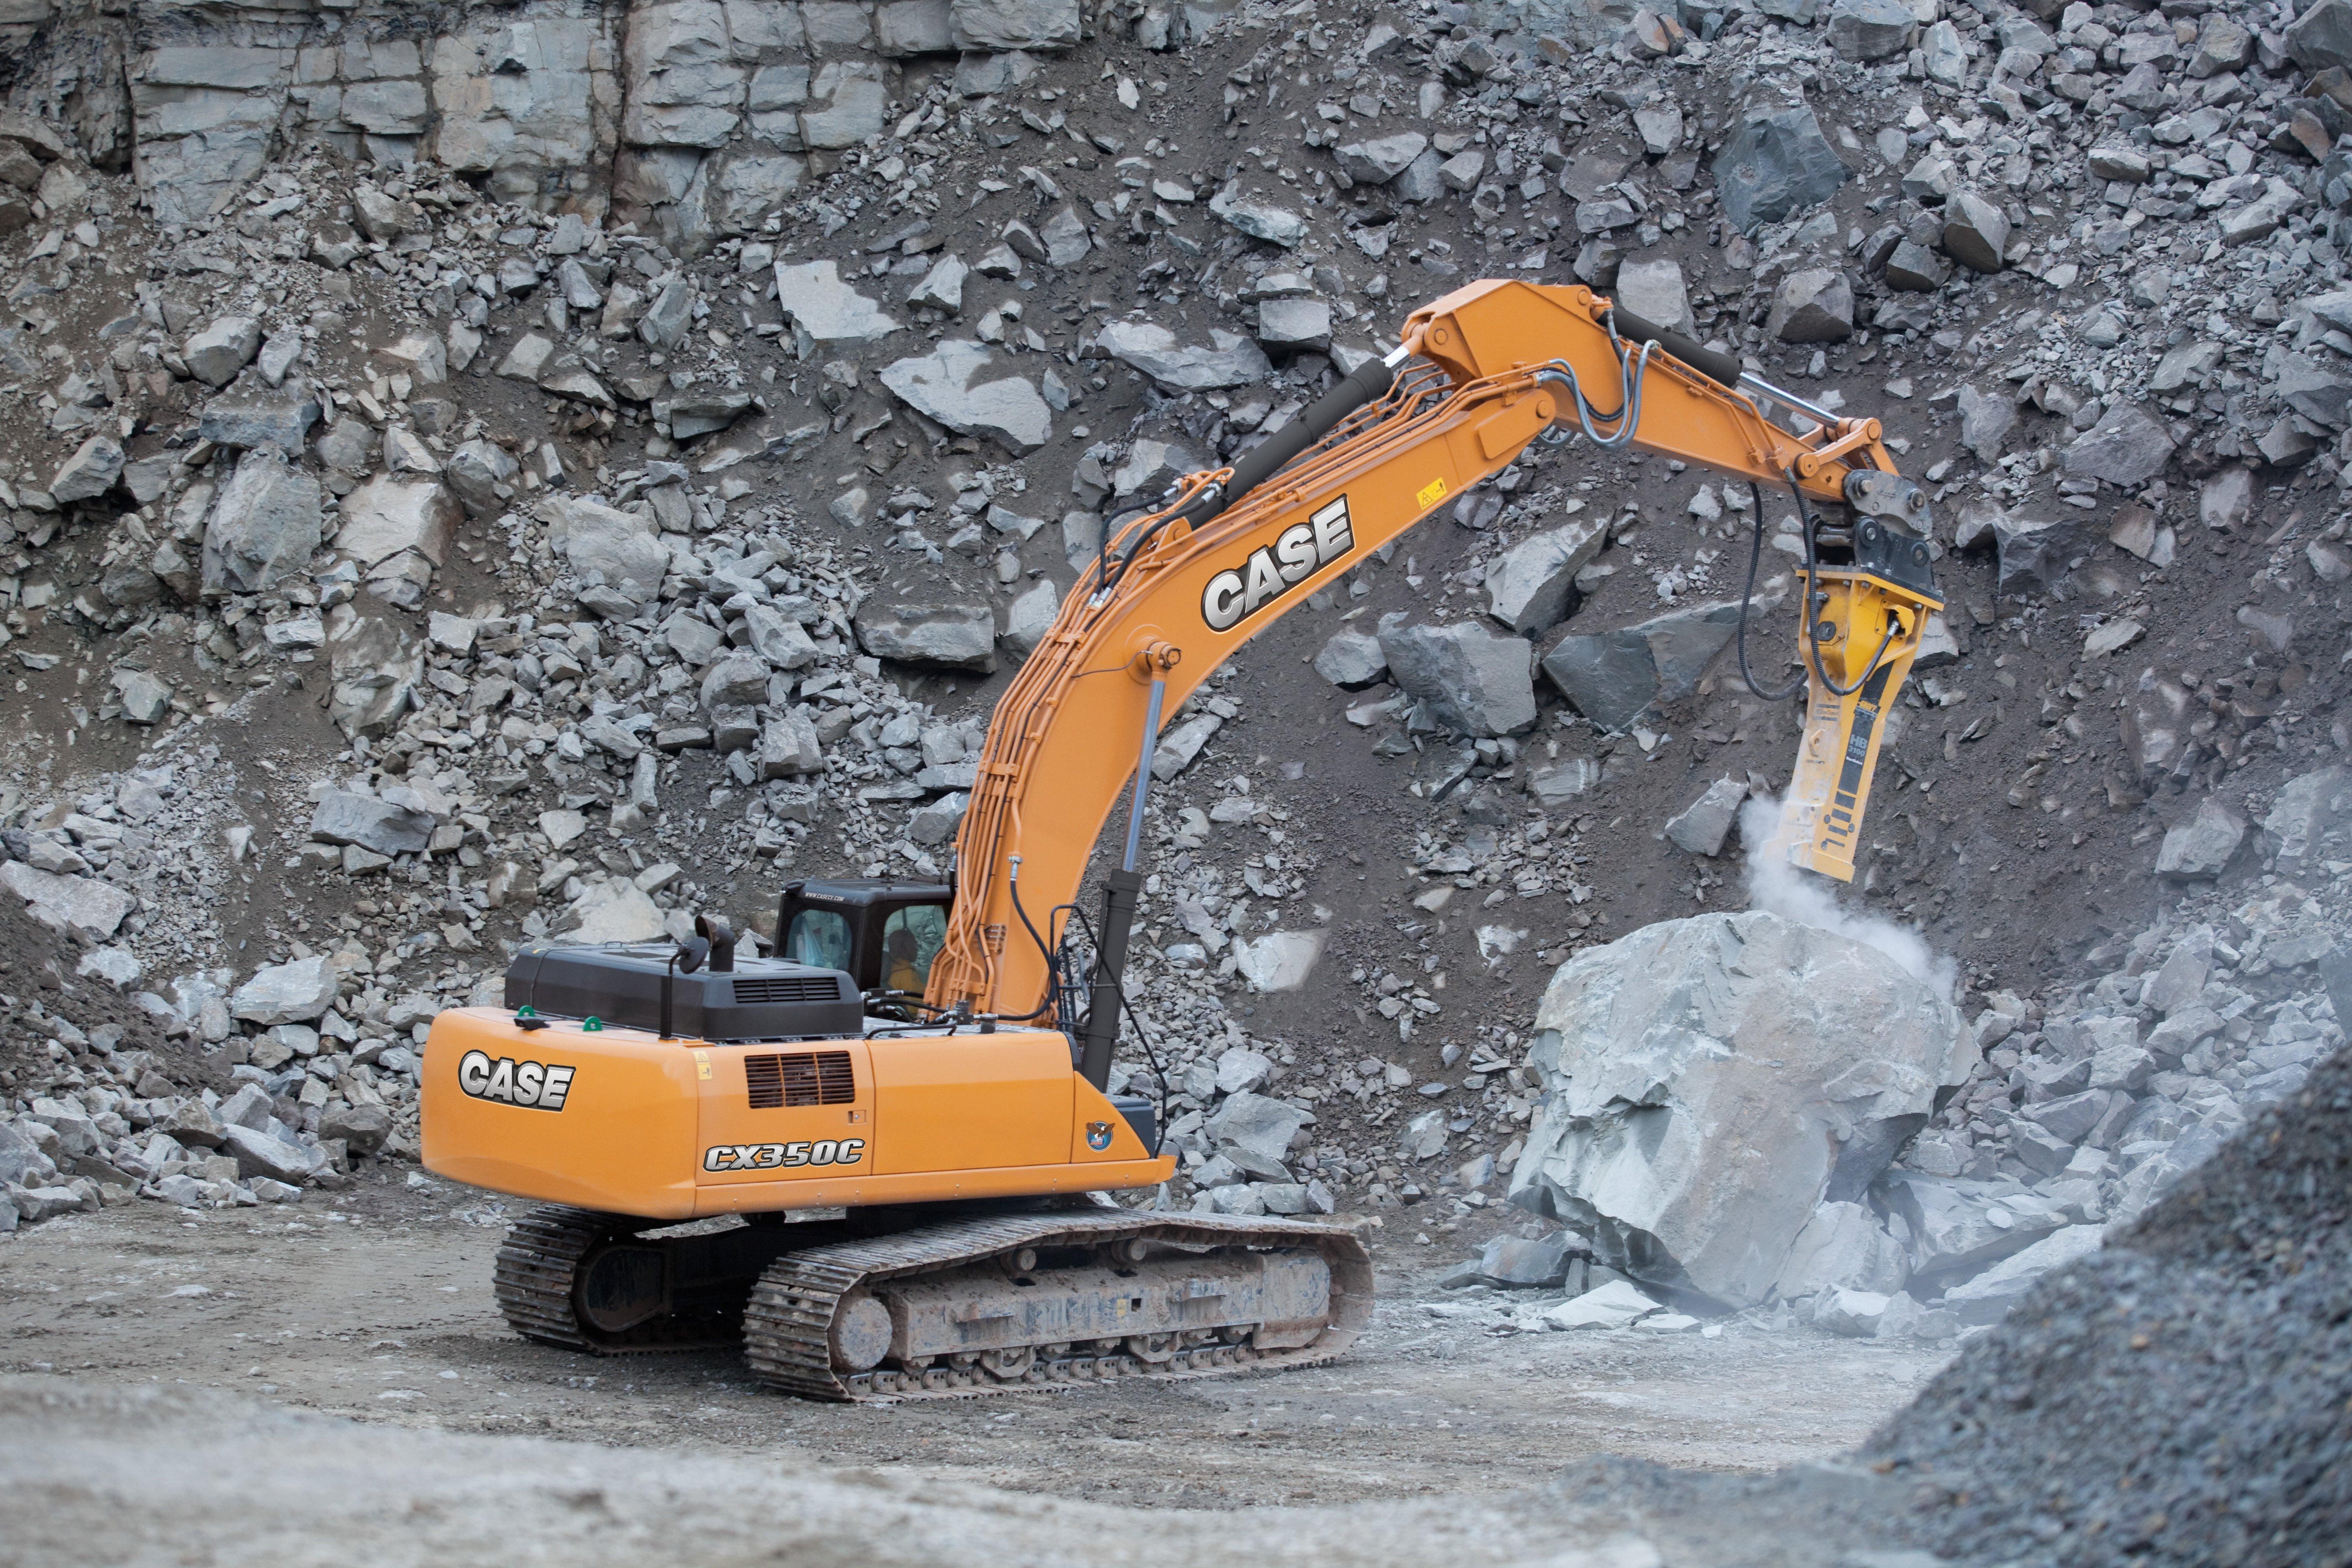 T4-I, Hydraulics, Controls Boost Excavator Productivity